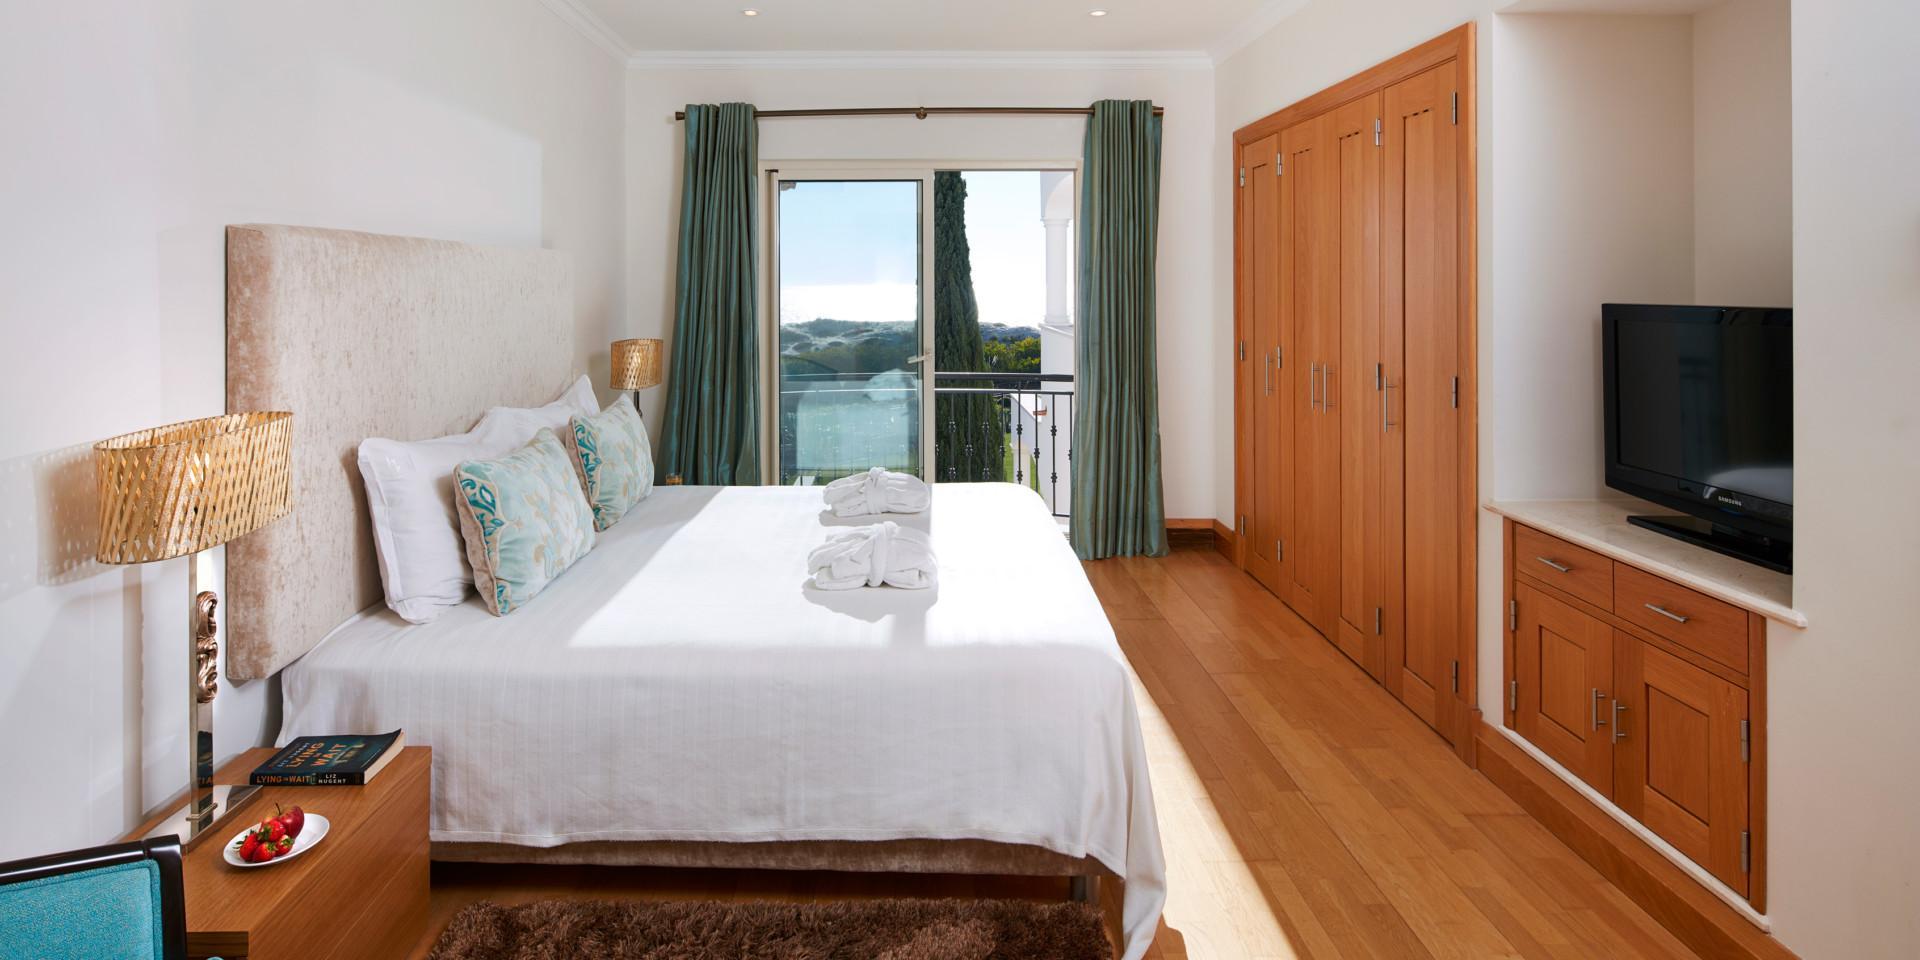 Dunas Douradas Beach Club Front Sea View 2 bedroom Apartment - Dunas Douradas Beach Club, Vale do Lobo, Algarve - DDBC_X3A2391CB-1920x960.jpg